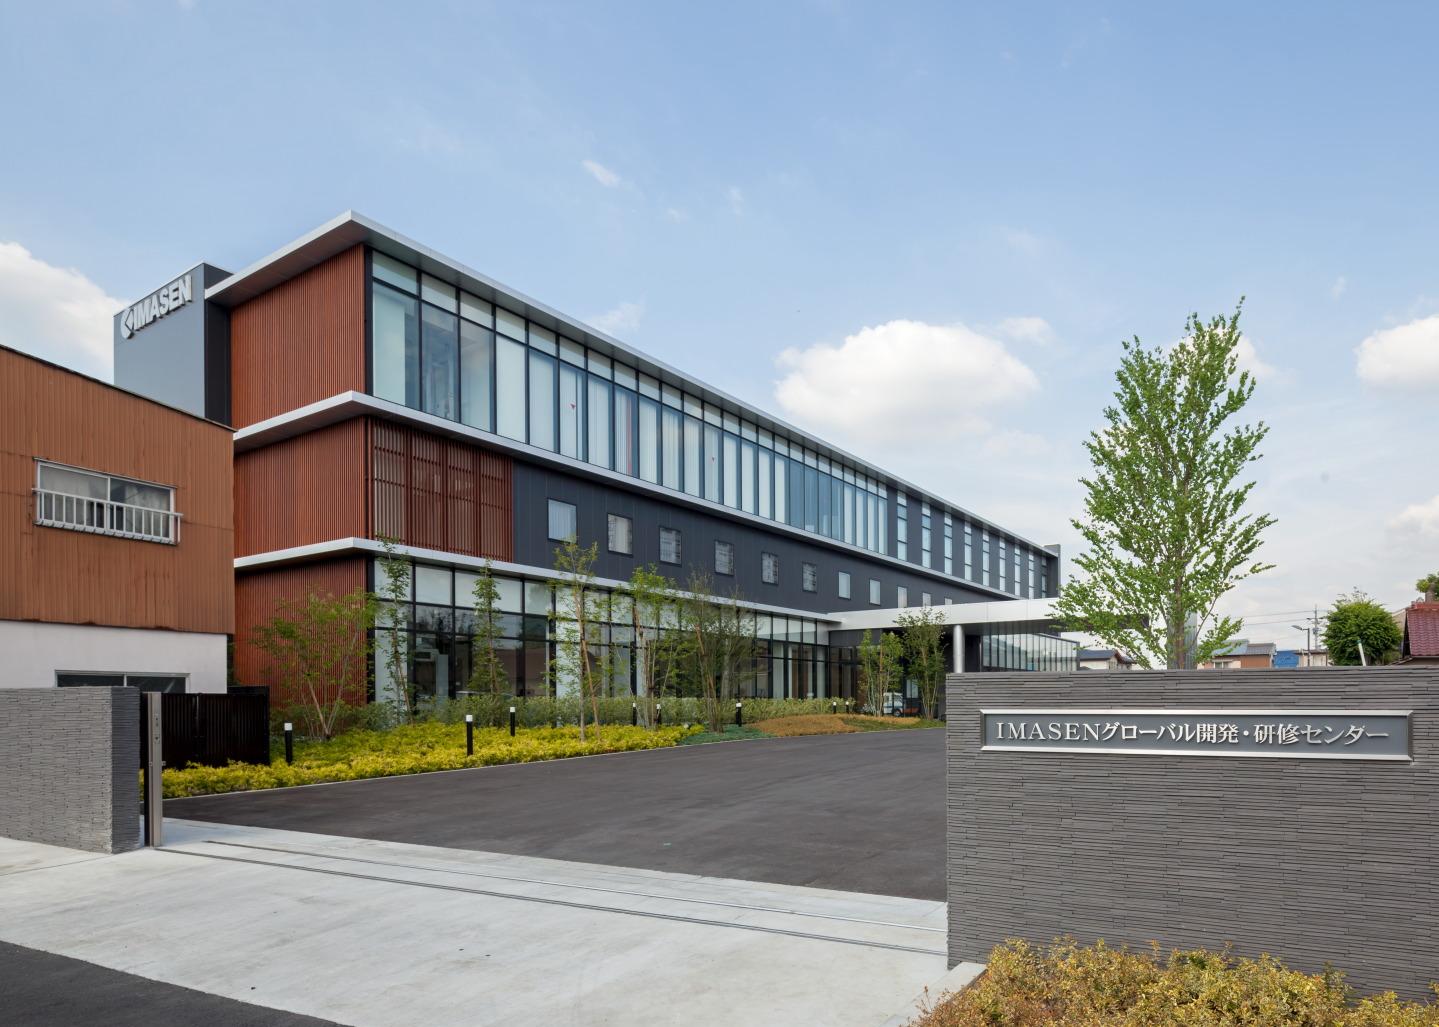 IMASENグローバル開発・研修センター